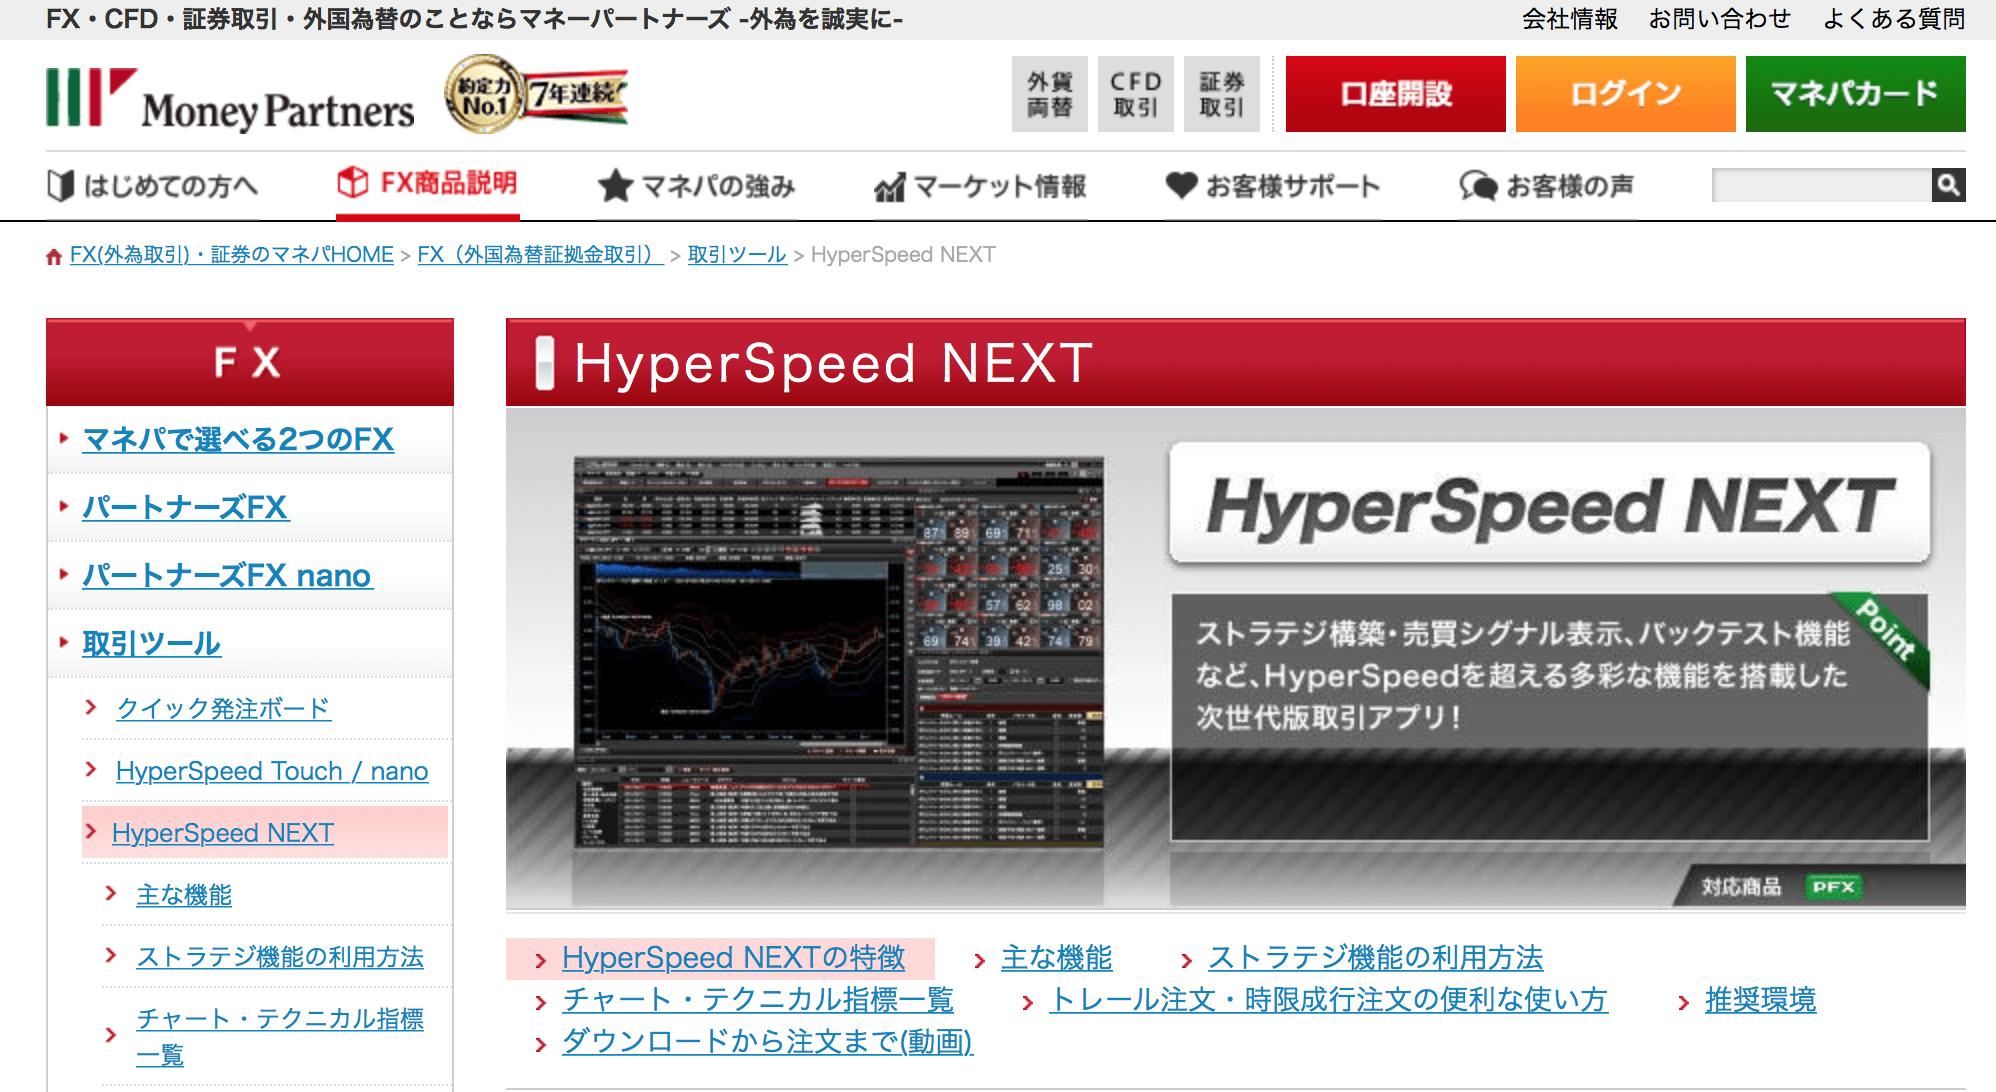 『パートナーズFX HyperSpeed NEXT』(マネーパートナーズ)